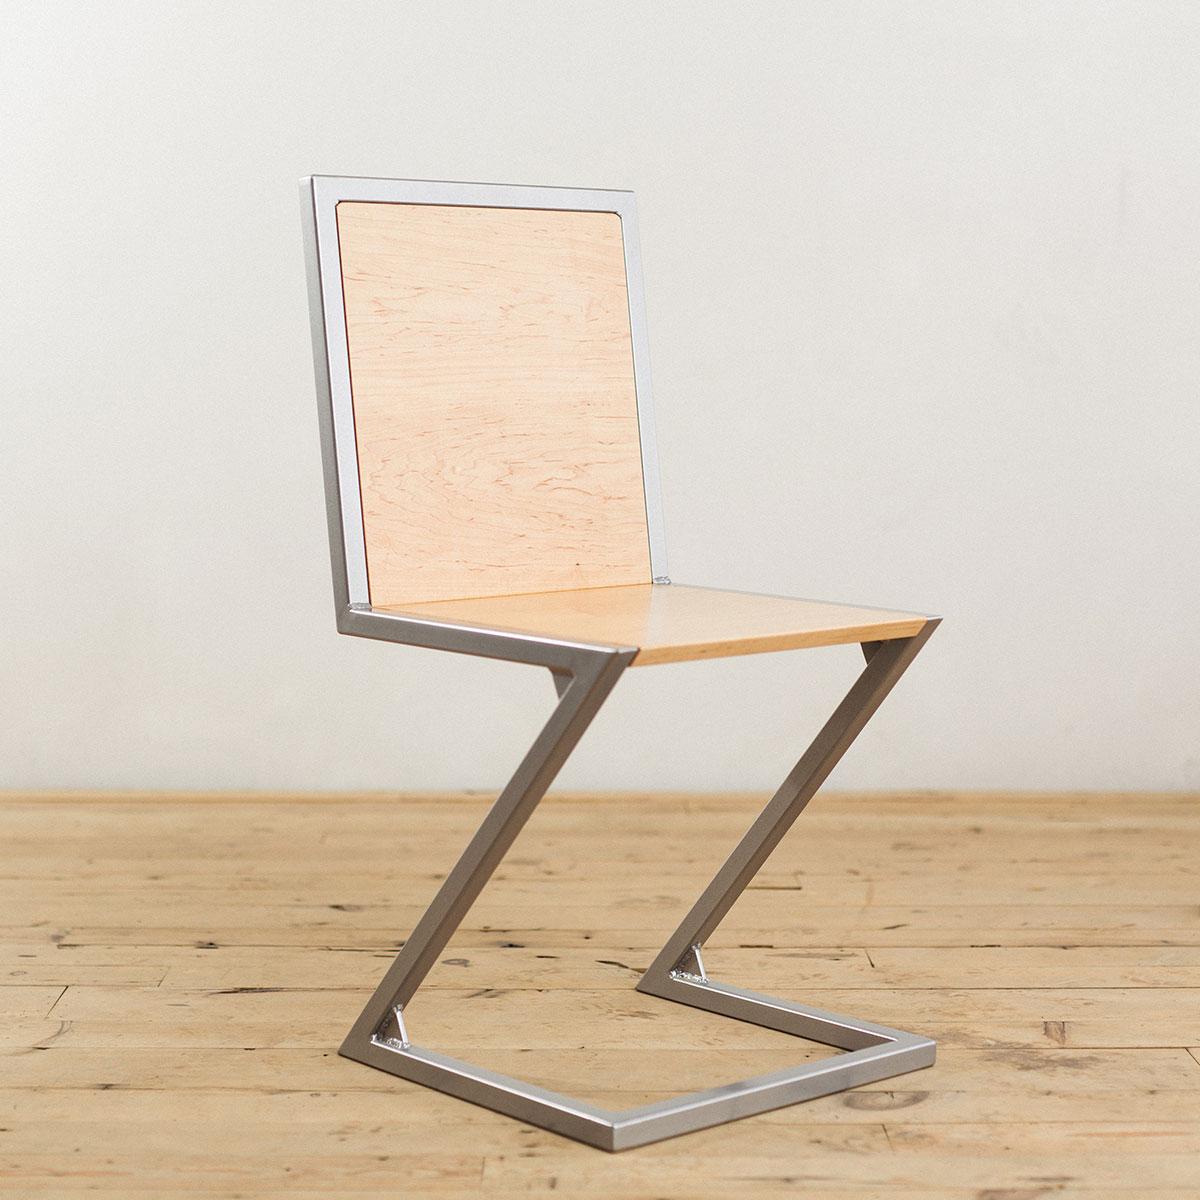 industrial-modern-steel-maple-wood-z-chair